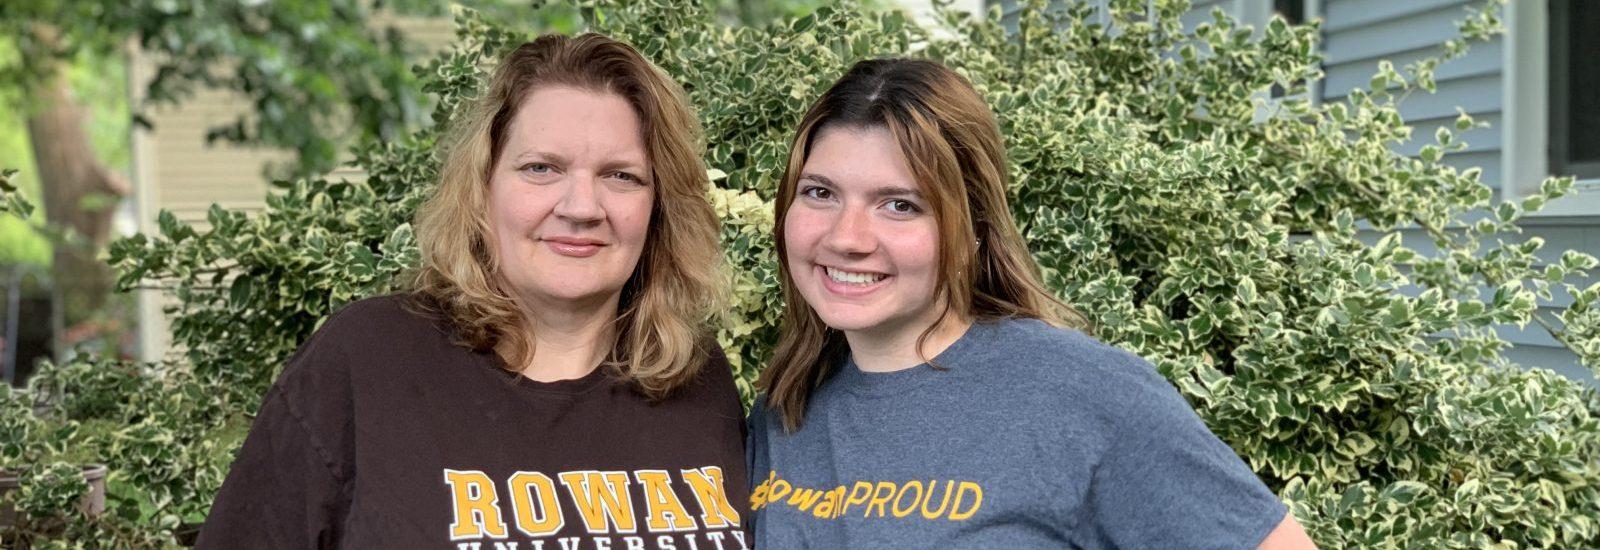 Lauren and her mother in rowan shirts